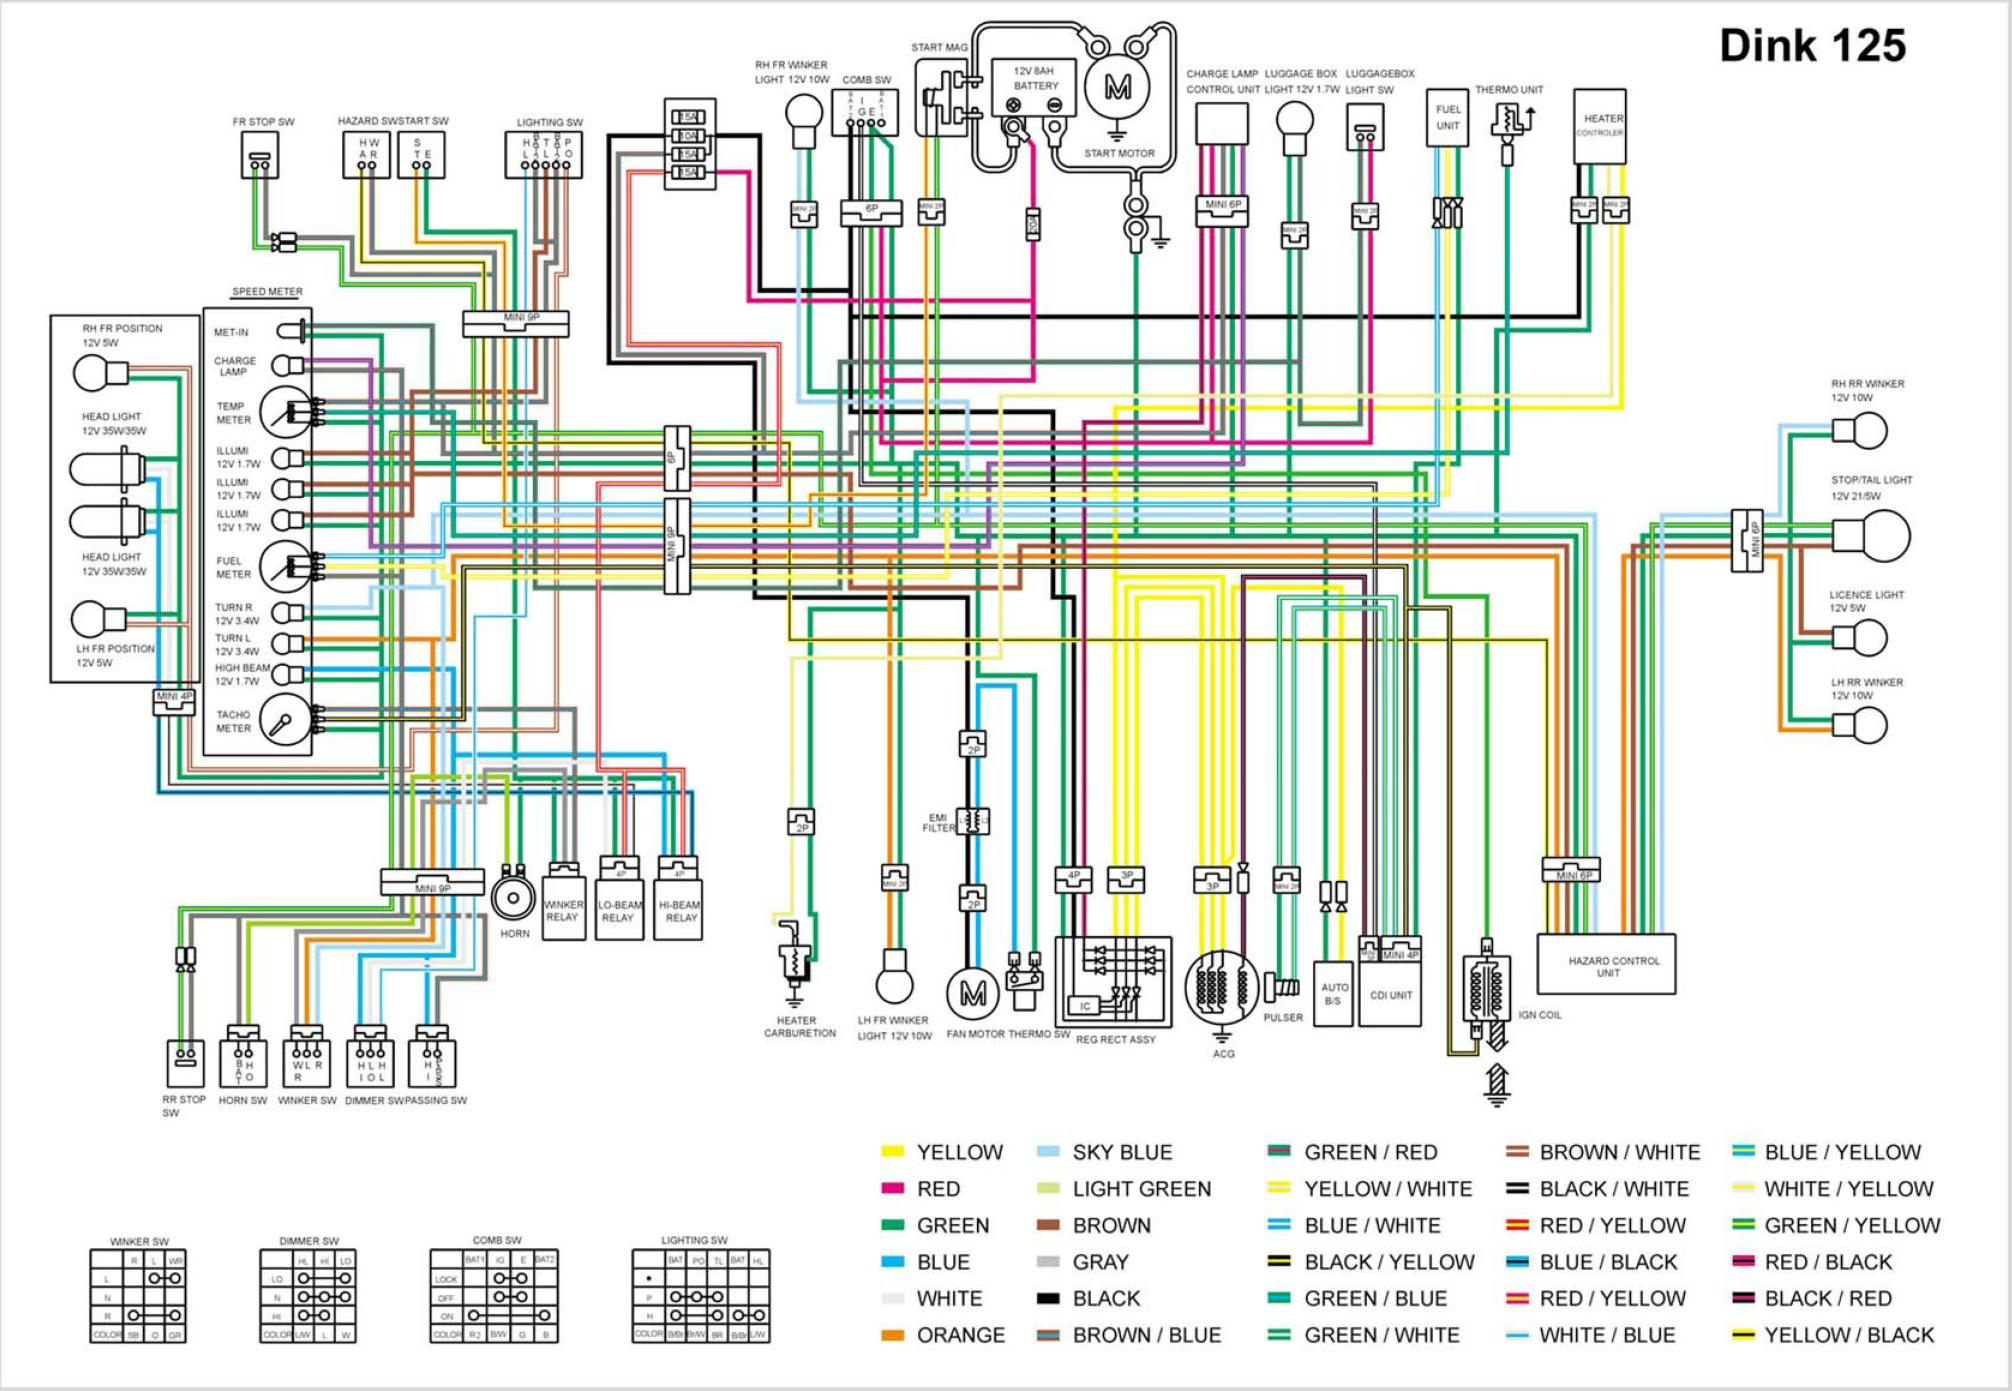 2008 kymco wiring diagram online wiring diagram CDI Relay Diagram 2008 kymco wiring diagram wiring diagram data 2008 kymco wiring diagram